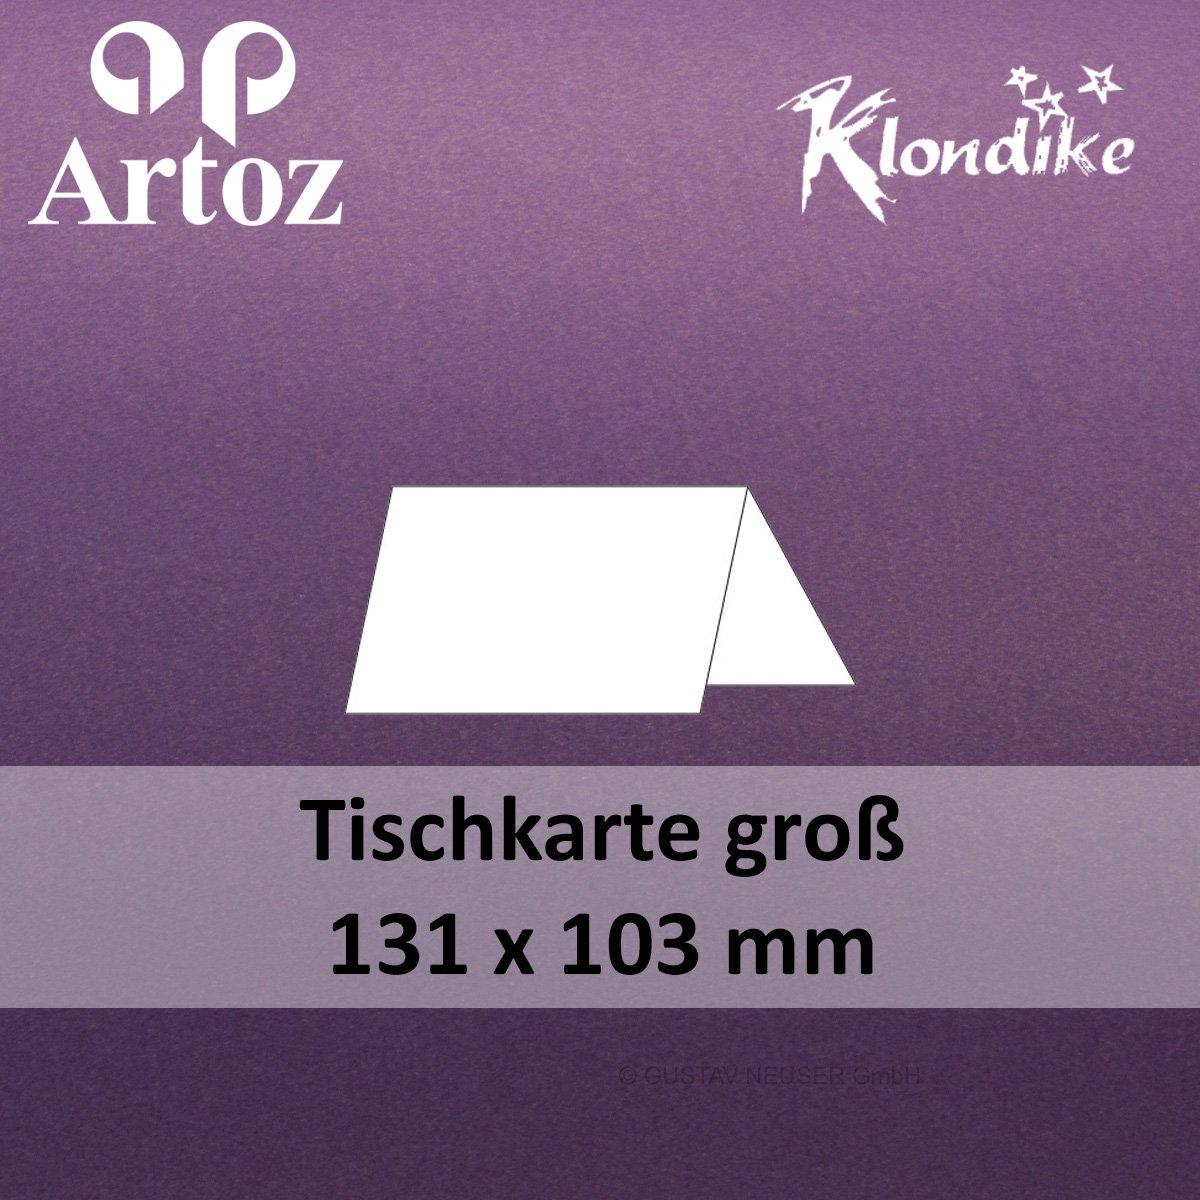 100 Stk.    Artoz Klondike glänzende Tischkarten groß    amethyst - lila    131 x 103 mm    metallisch - Edelstein Glanz B013UMBWS8 | Ästhetisches Aussehen